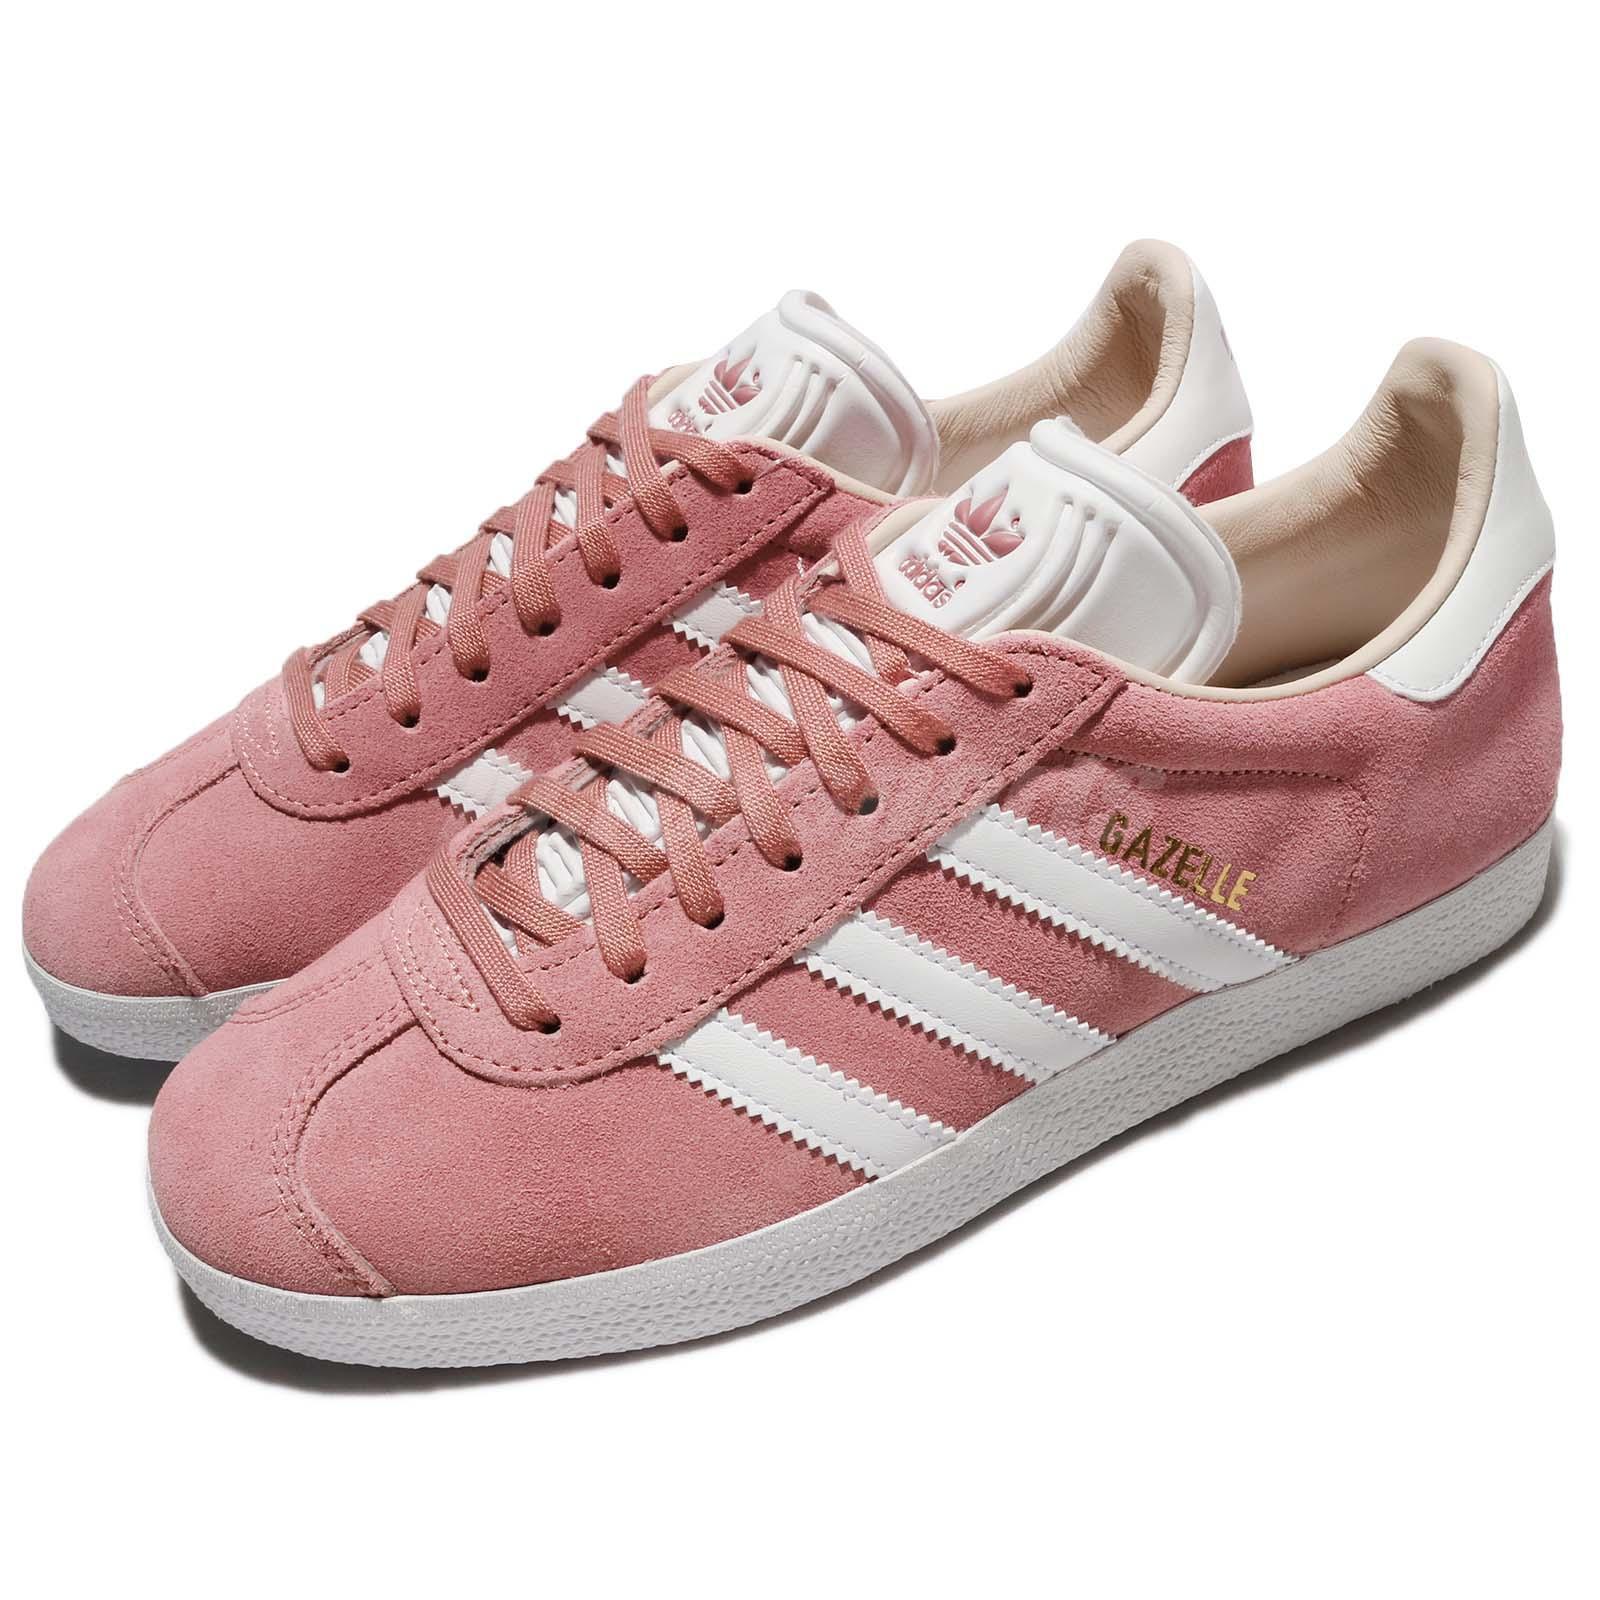 aaca3b95d0d07a adidas Originals Gazelle W Suede Pink Ash Pearl White White White Linen  WoHommes Shoes CQ2186   Durable Dans L'utilisation 3de8a4